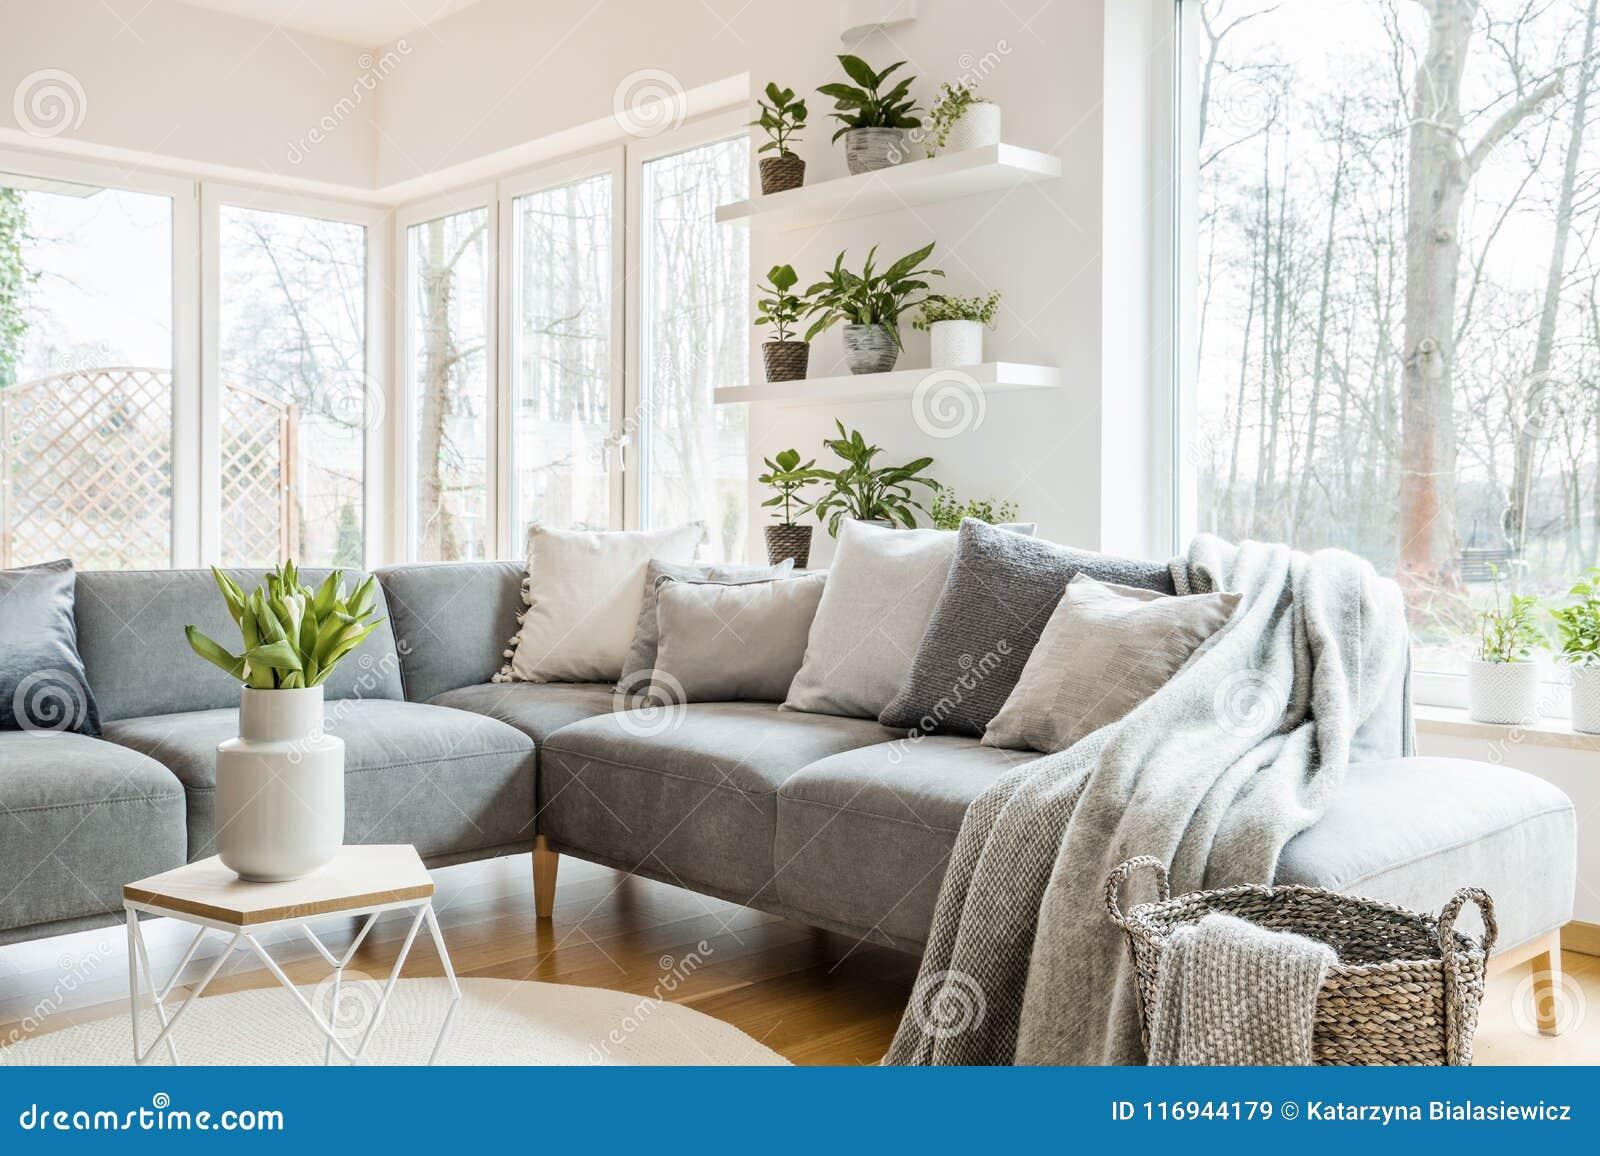 Grijze hoeklaag met hoofdkussens en dekens in witte woonkamer